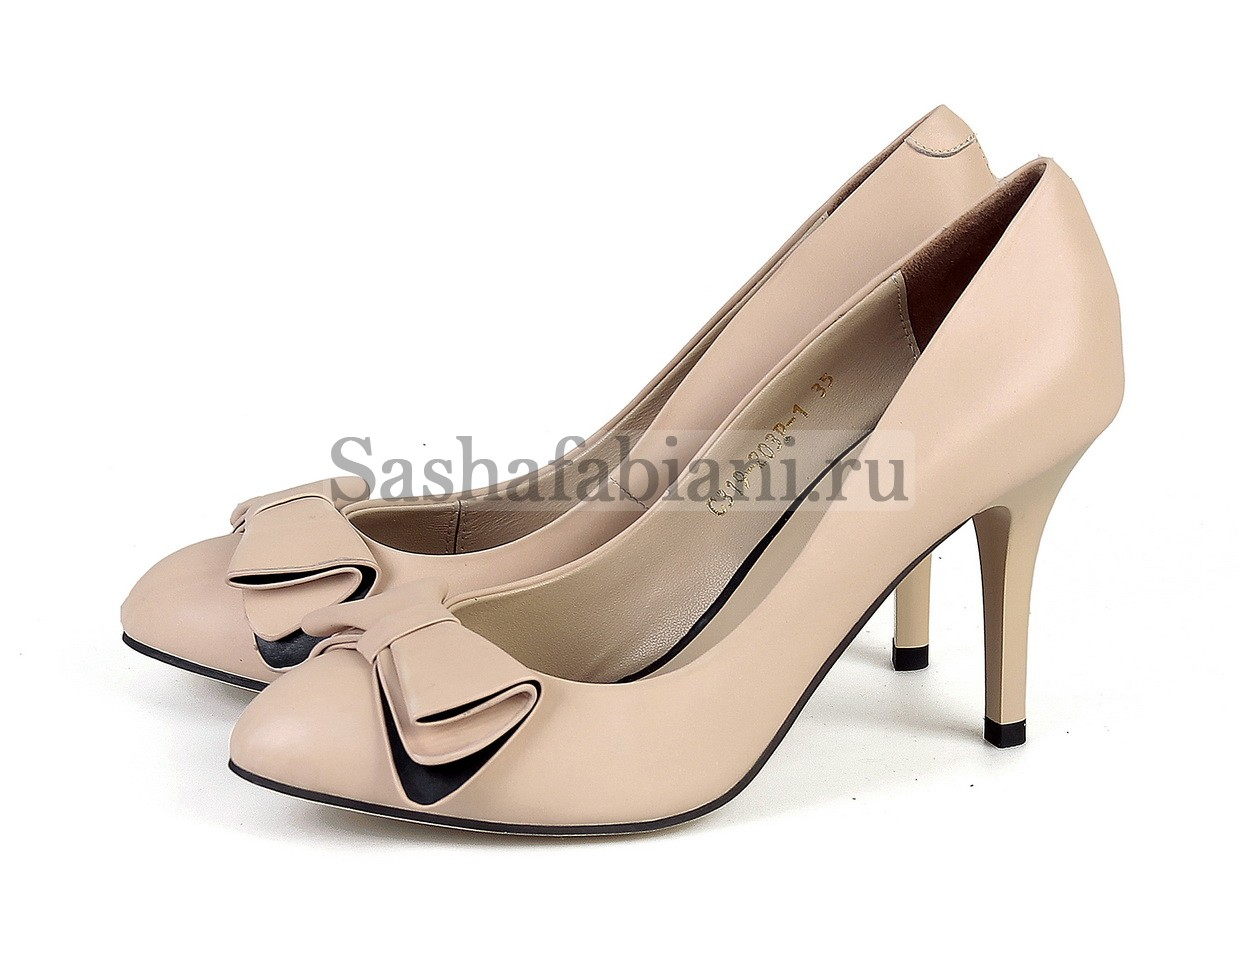 Сбор заказов. Обувь итальянской ТМ Sasha Fabiani,D Bigioni. Шикарные туфли!